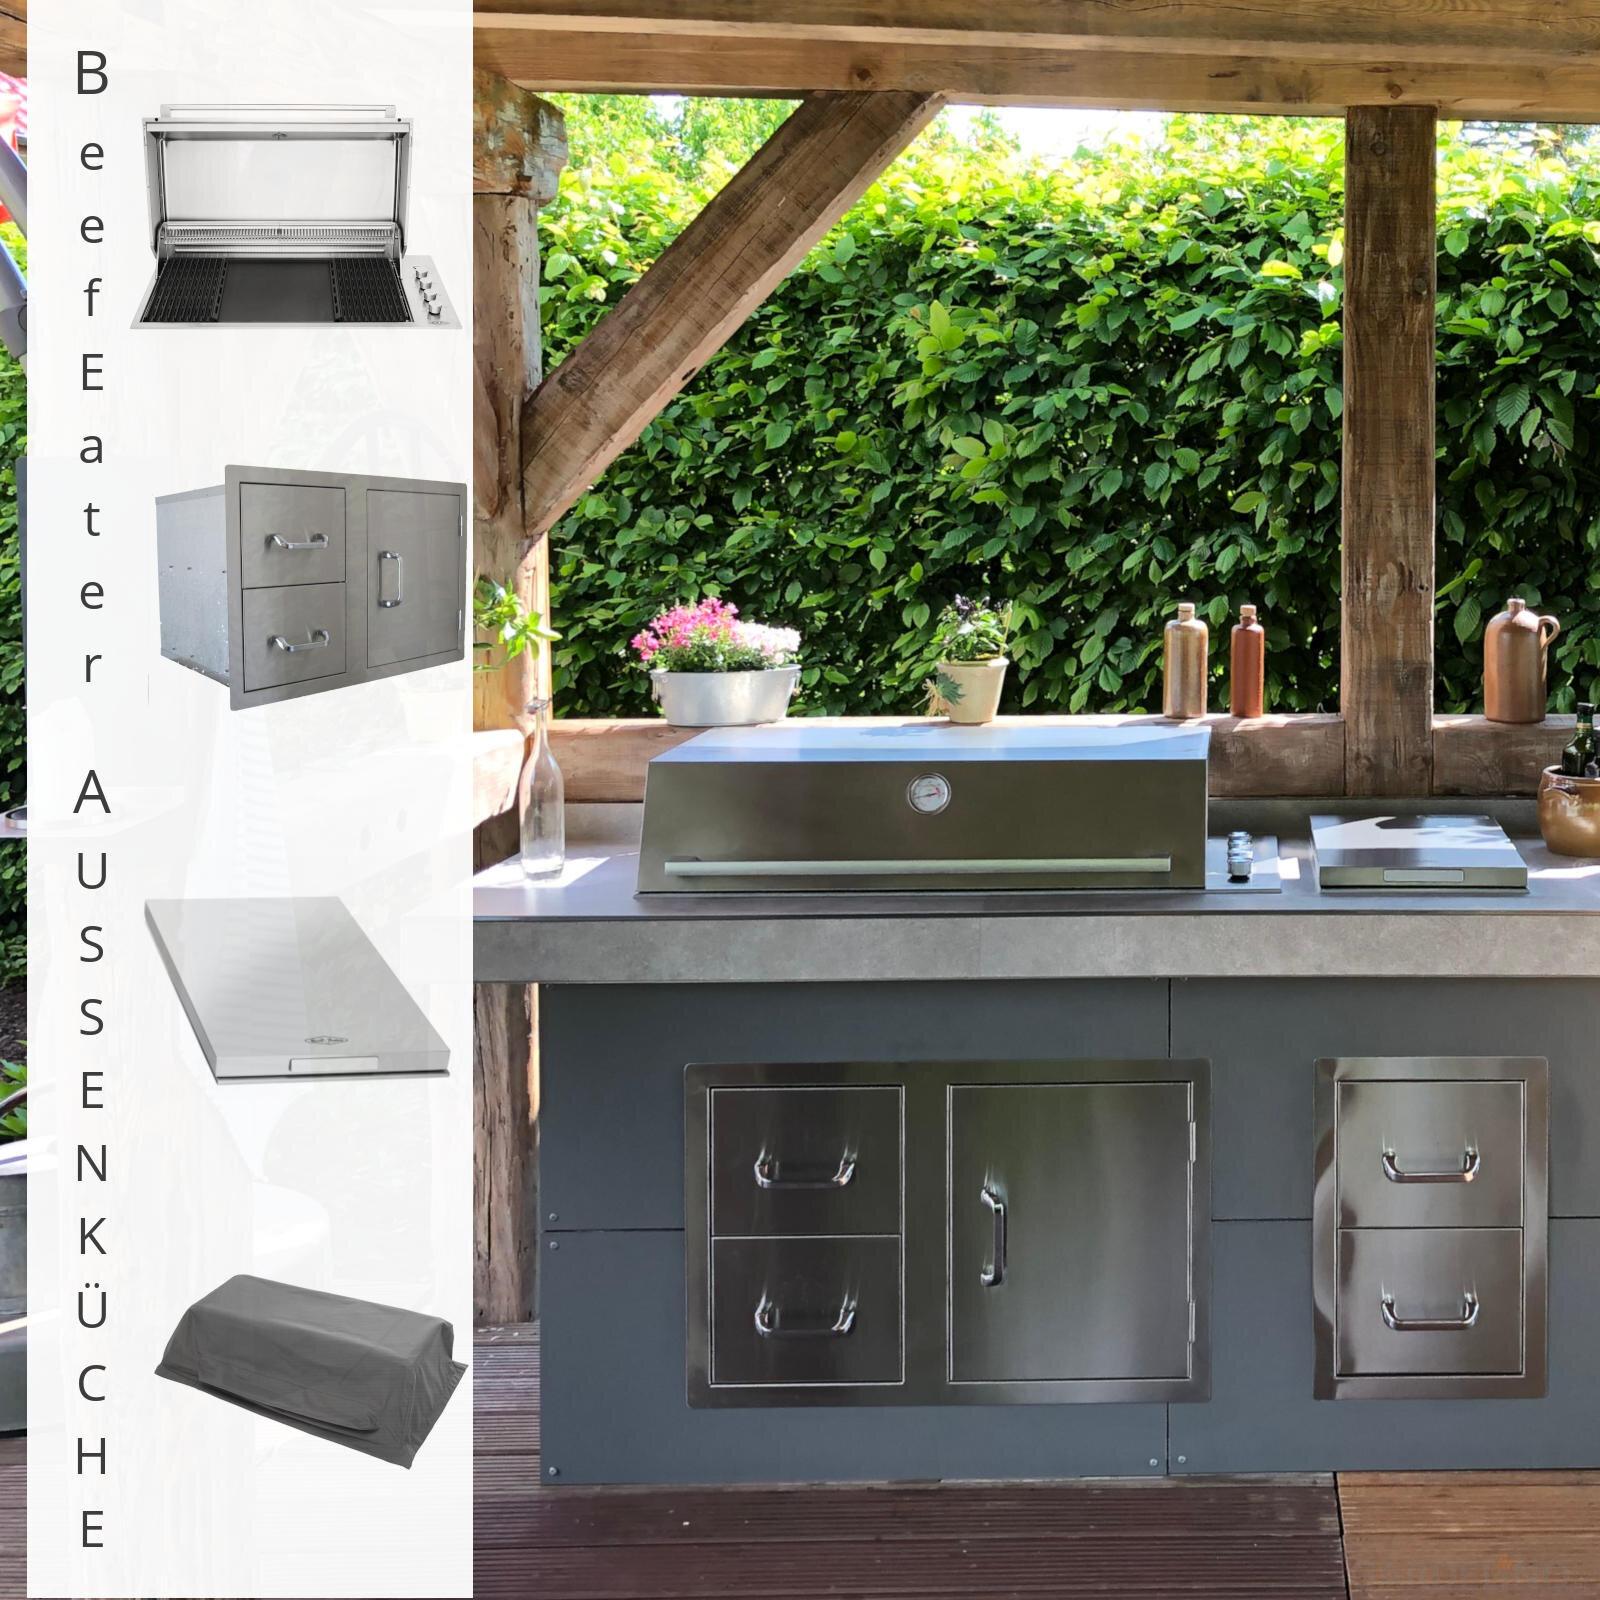 Beefeater Outdoor Kitchen: Beefeater Outdoor Küche Bauen Mit Gardelino.de